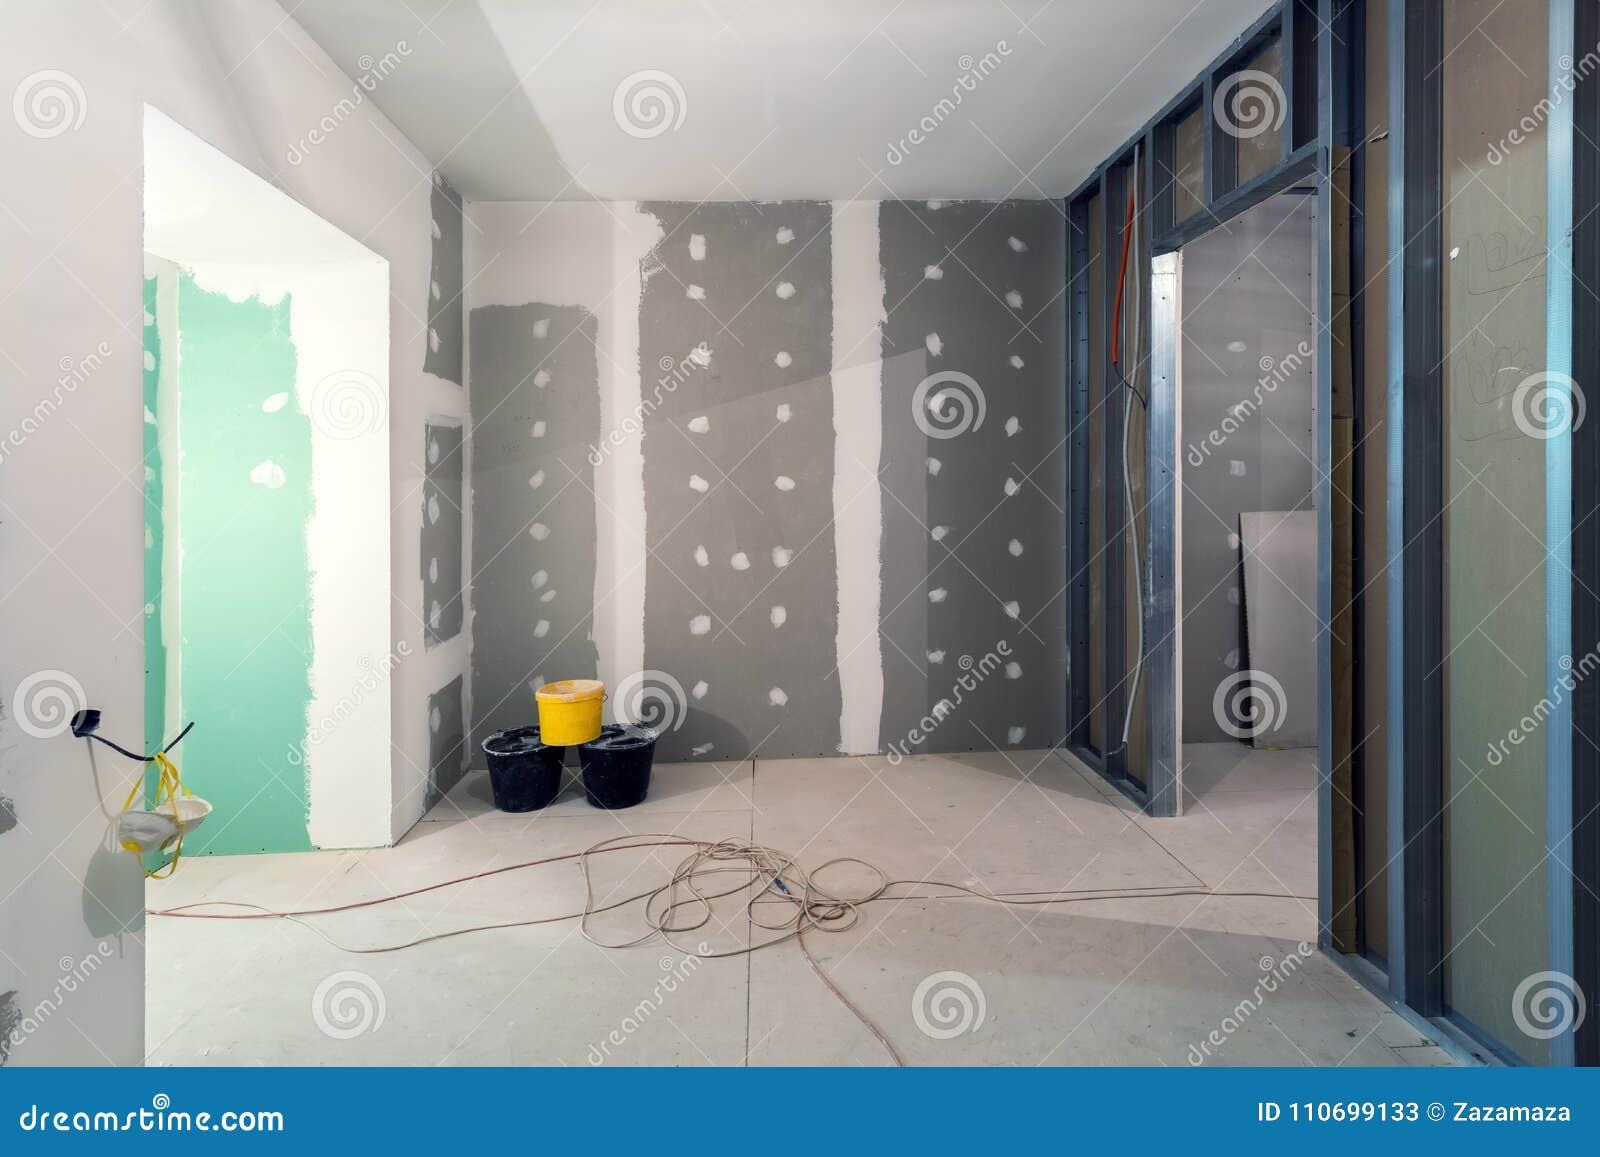 Metal ramy i plasterboard drywall dla gips ścian, trzy wiader i elektrycznych drutów w mieszkaniu, są w budowie